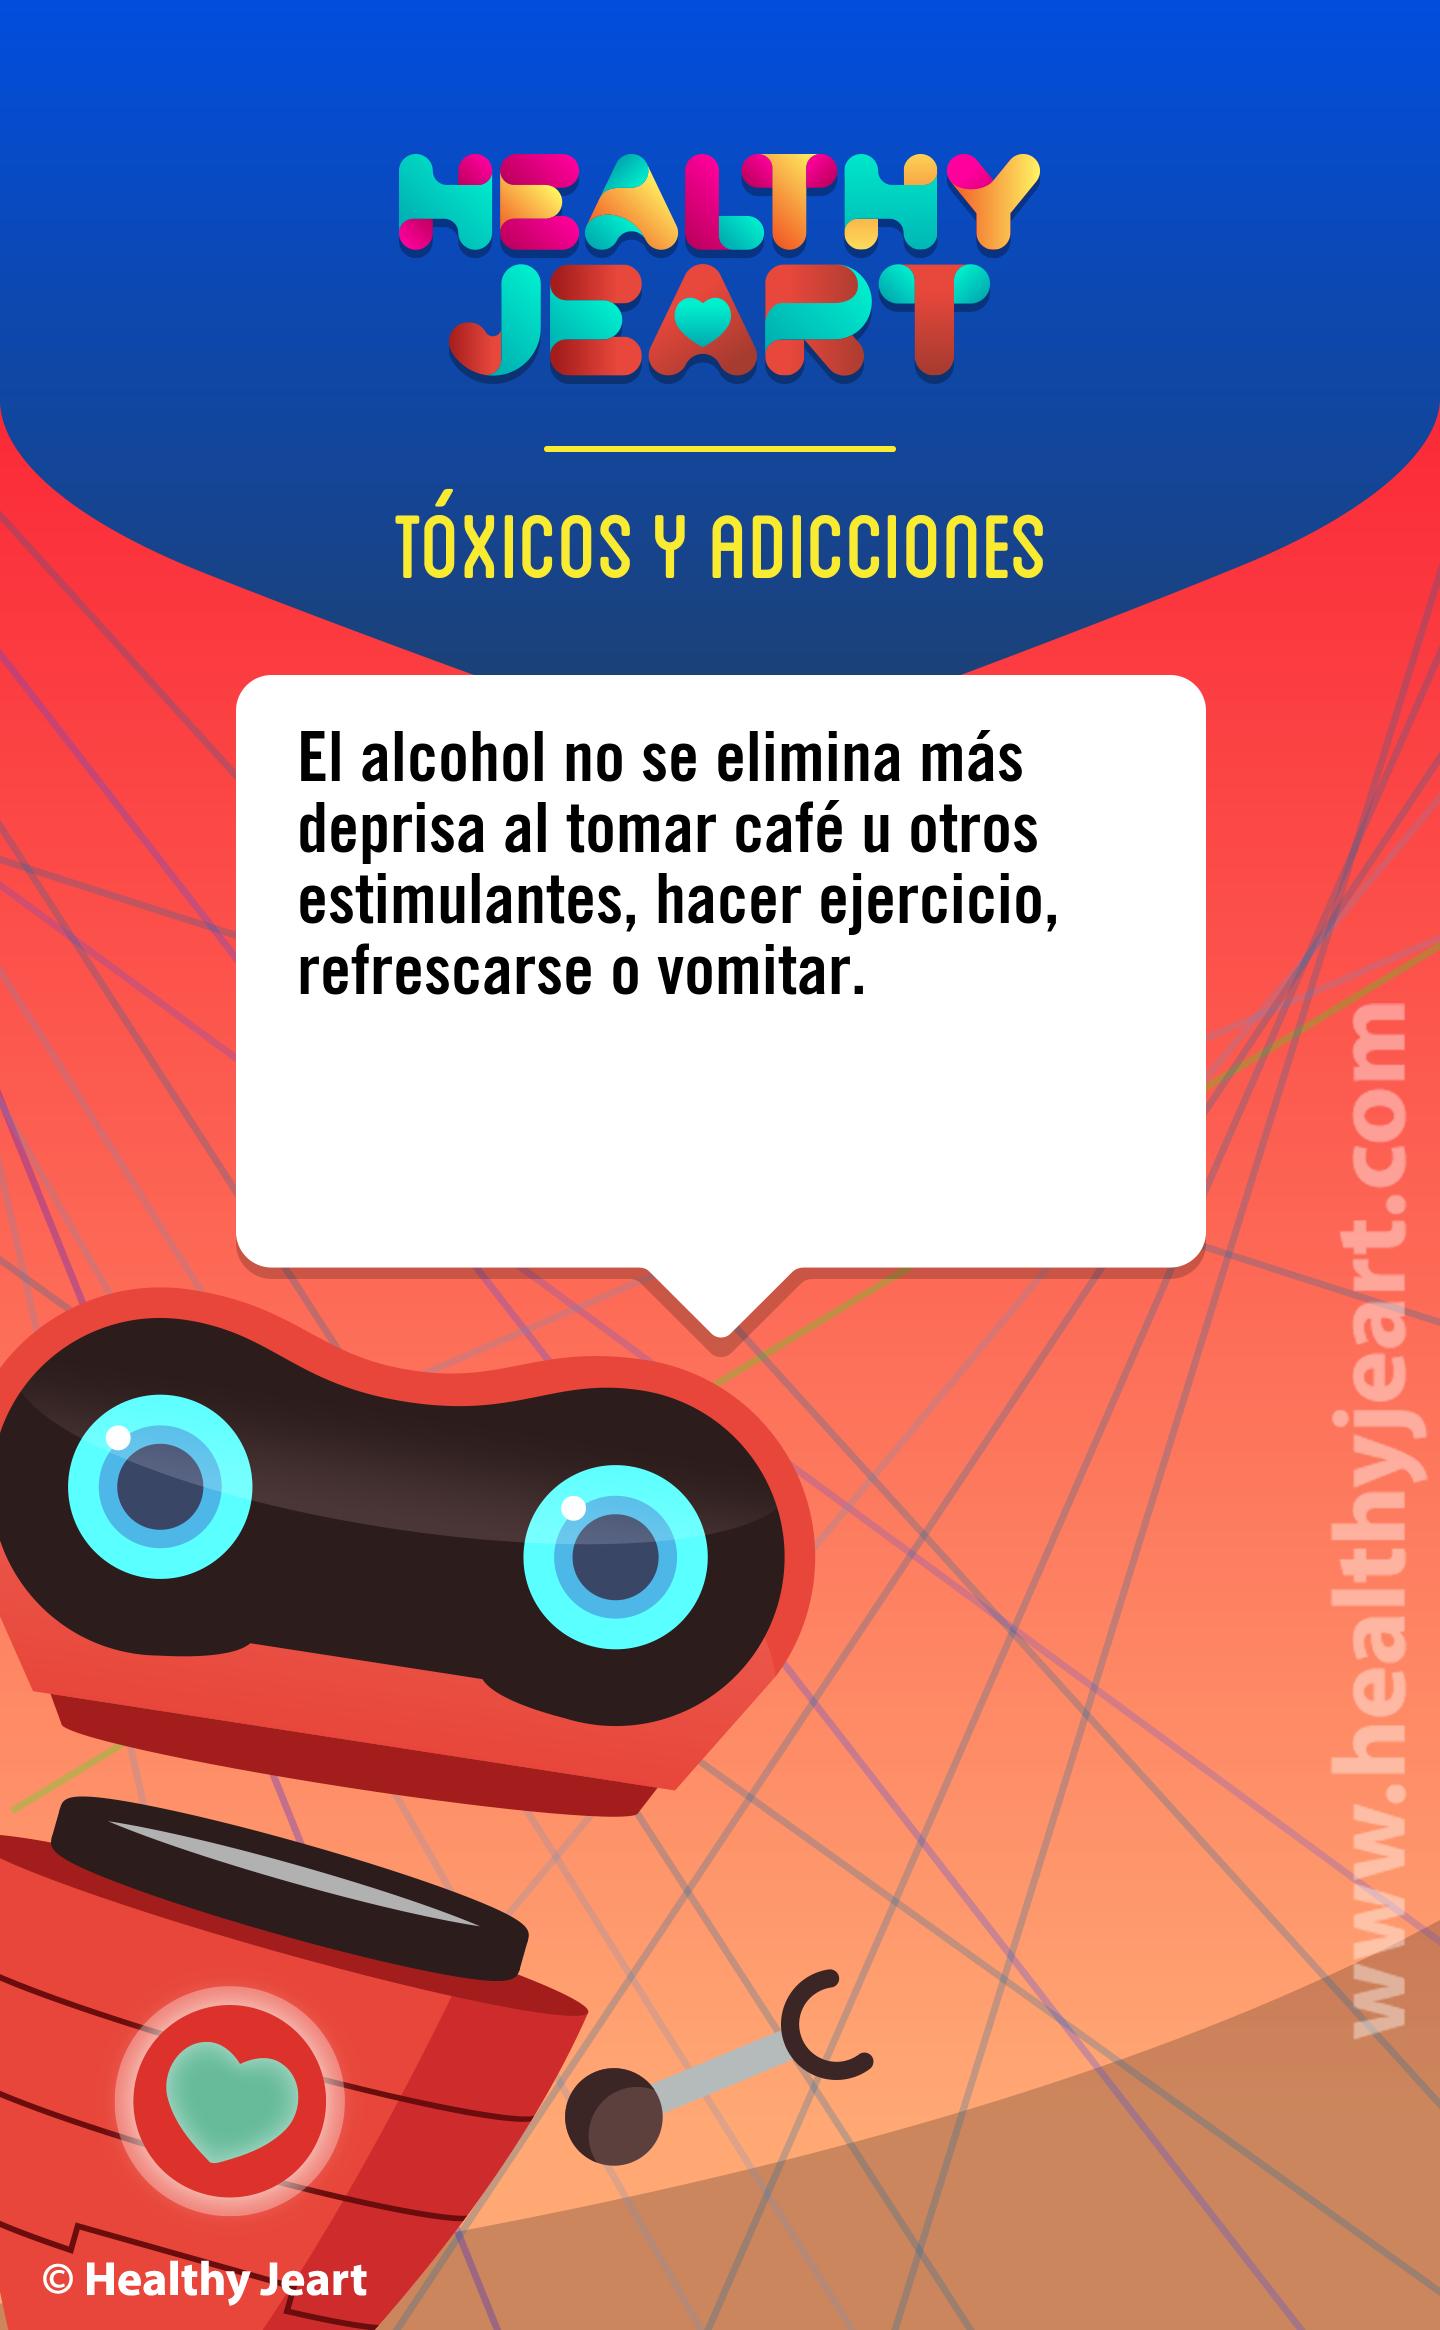 El alcohol no se elimina más deprisa al tomar café u otros estimulantes, hacer ejercicio, refrescarse o vomitar.